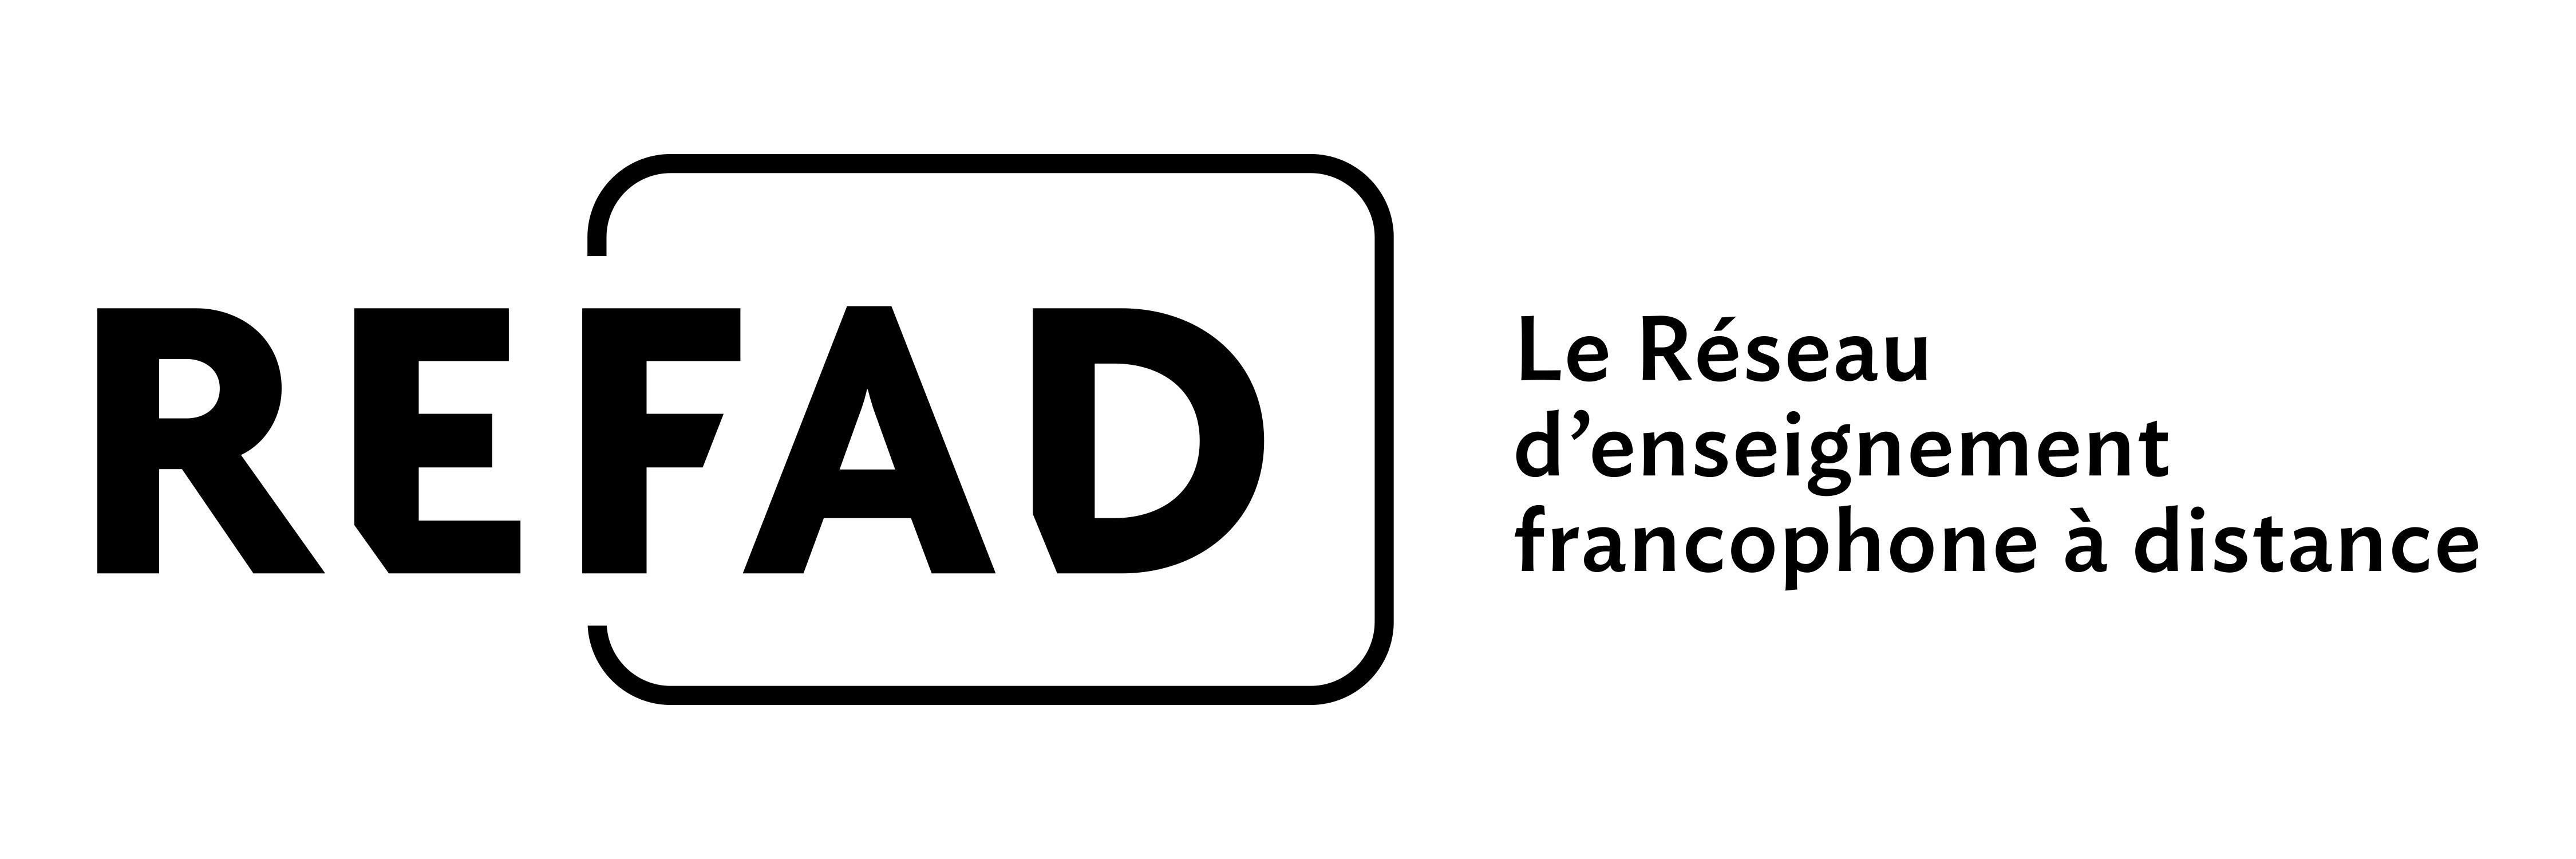 REFAD_H_1coul_noir-19